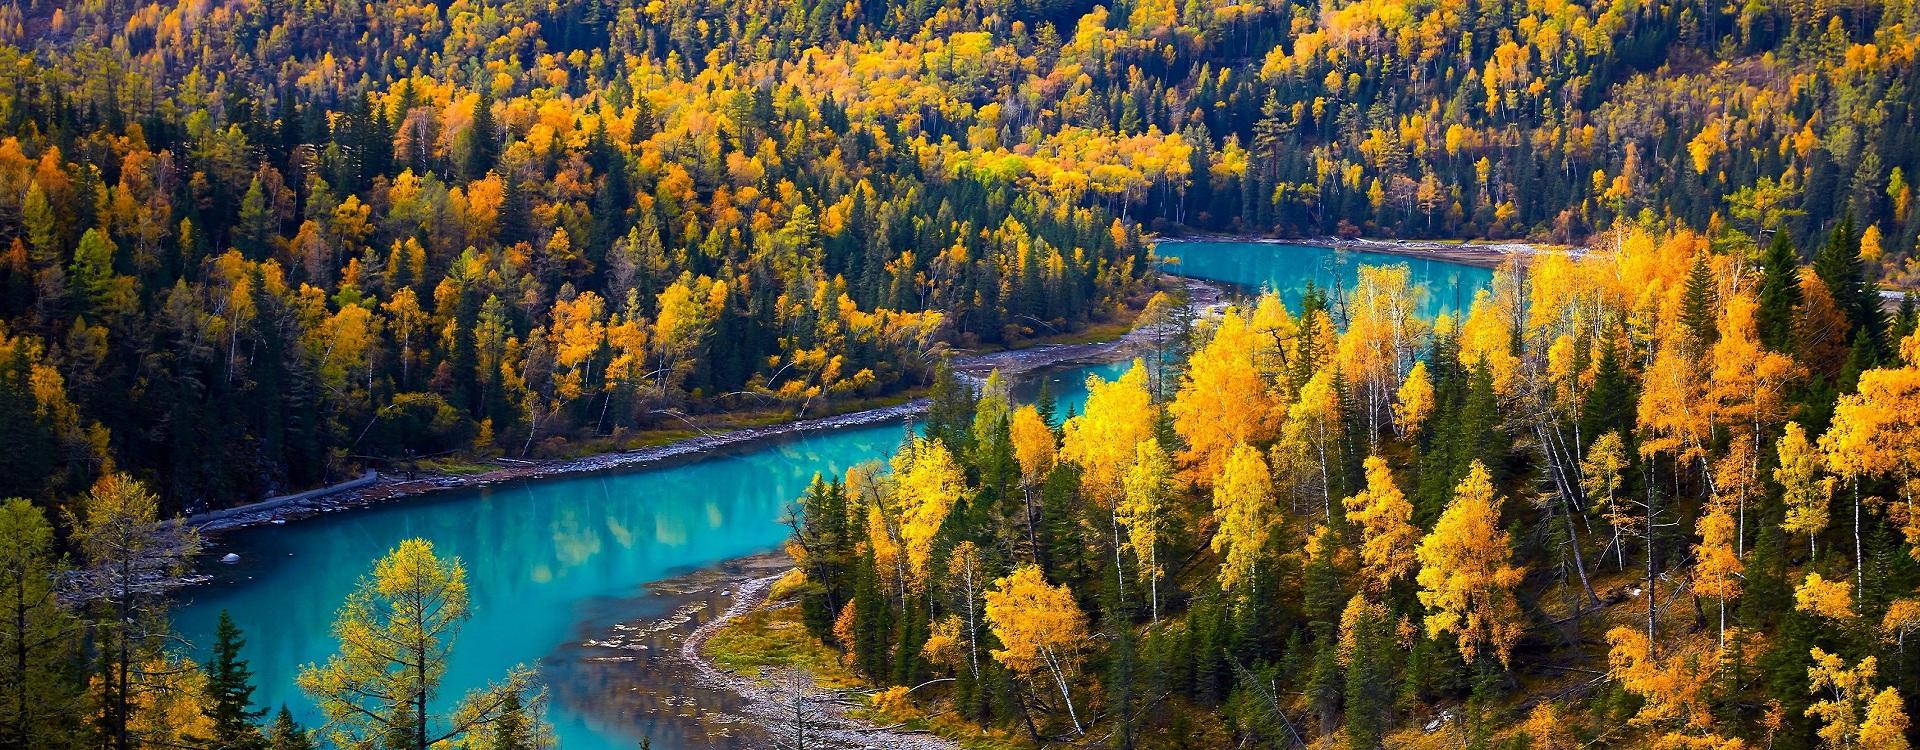 Xinjiang Trekking Route